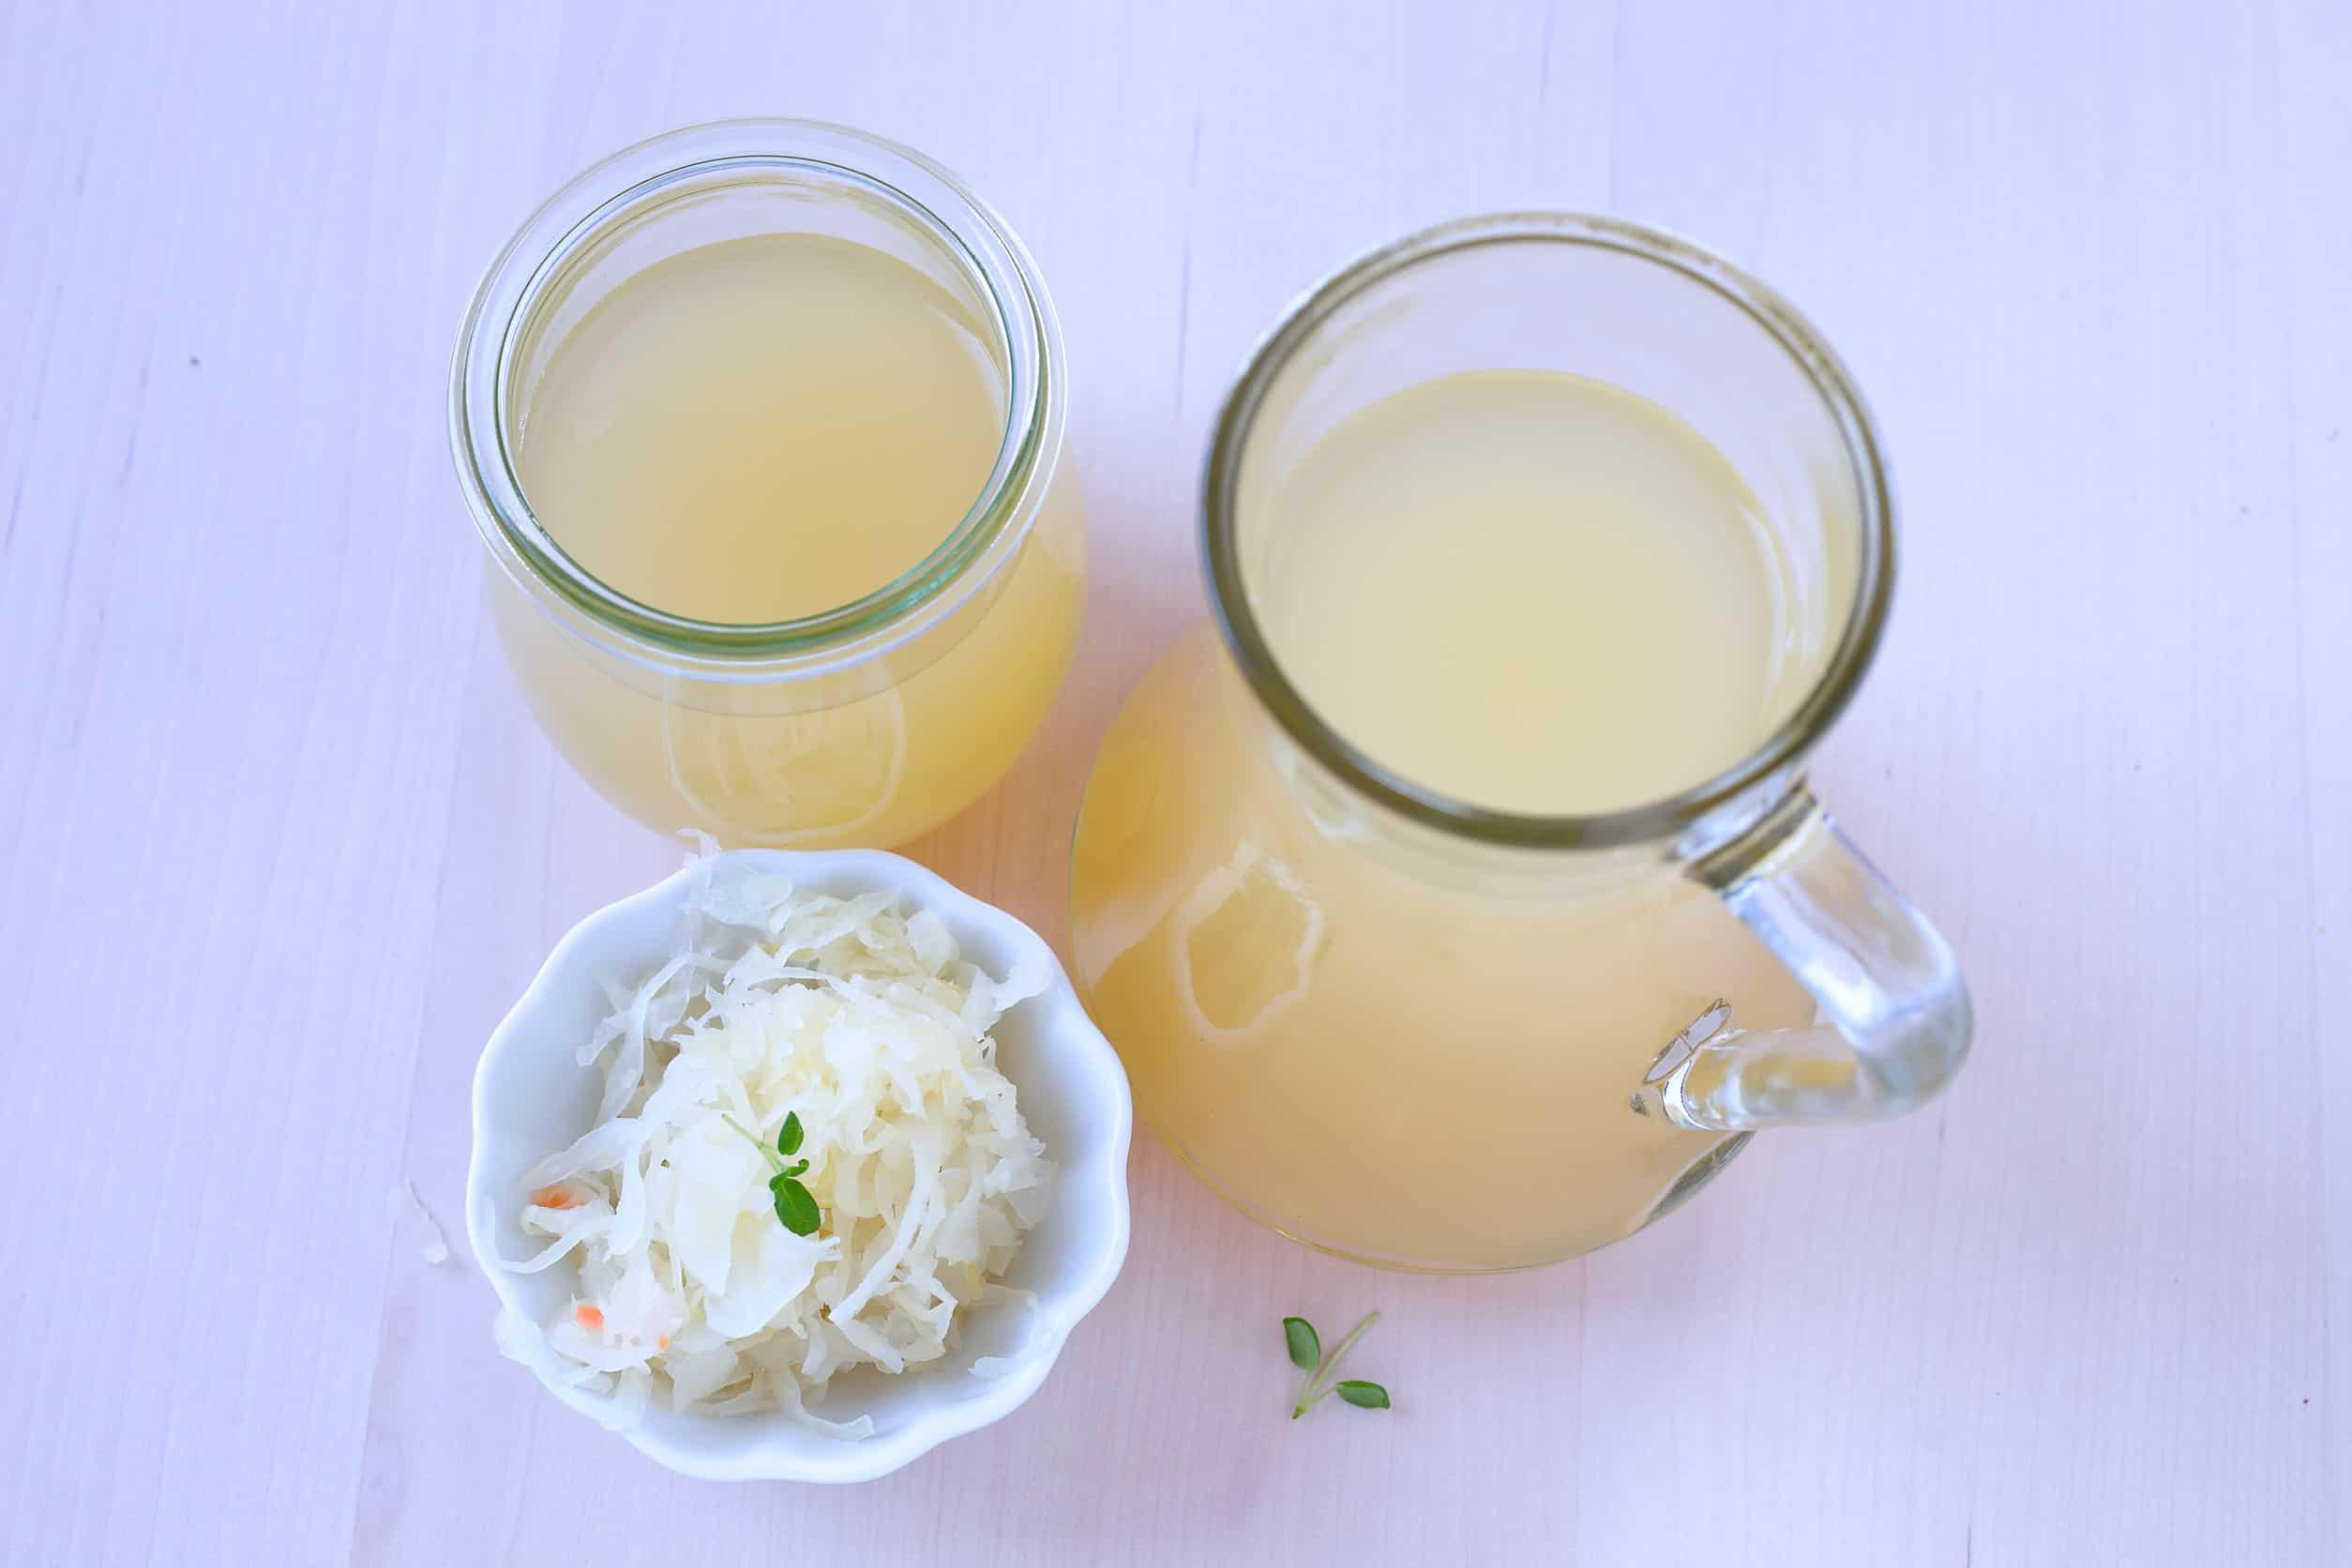 Sauerkrautsaft: Test & Empfehlungen (07/20)